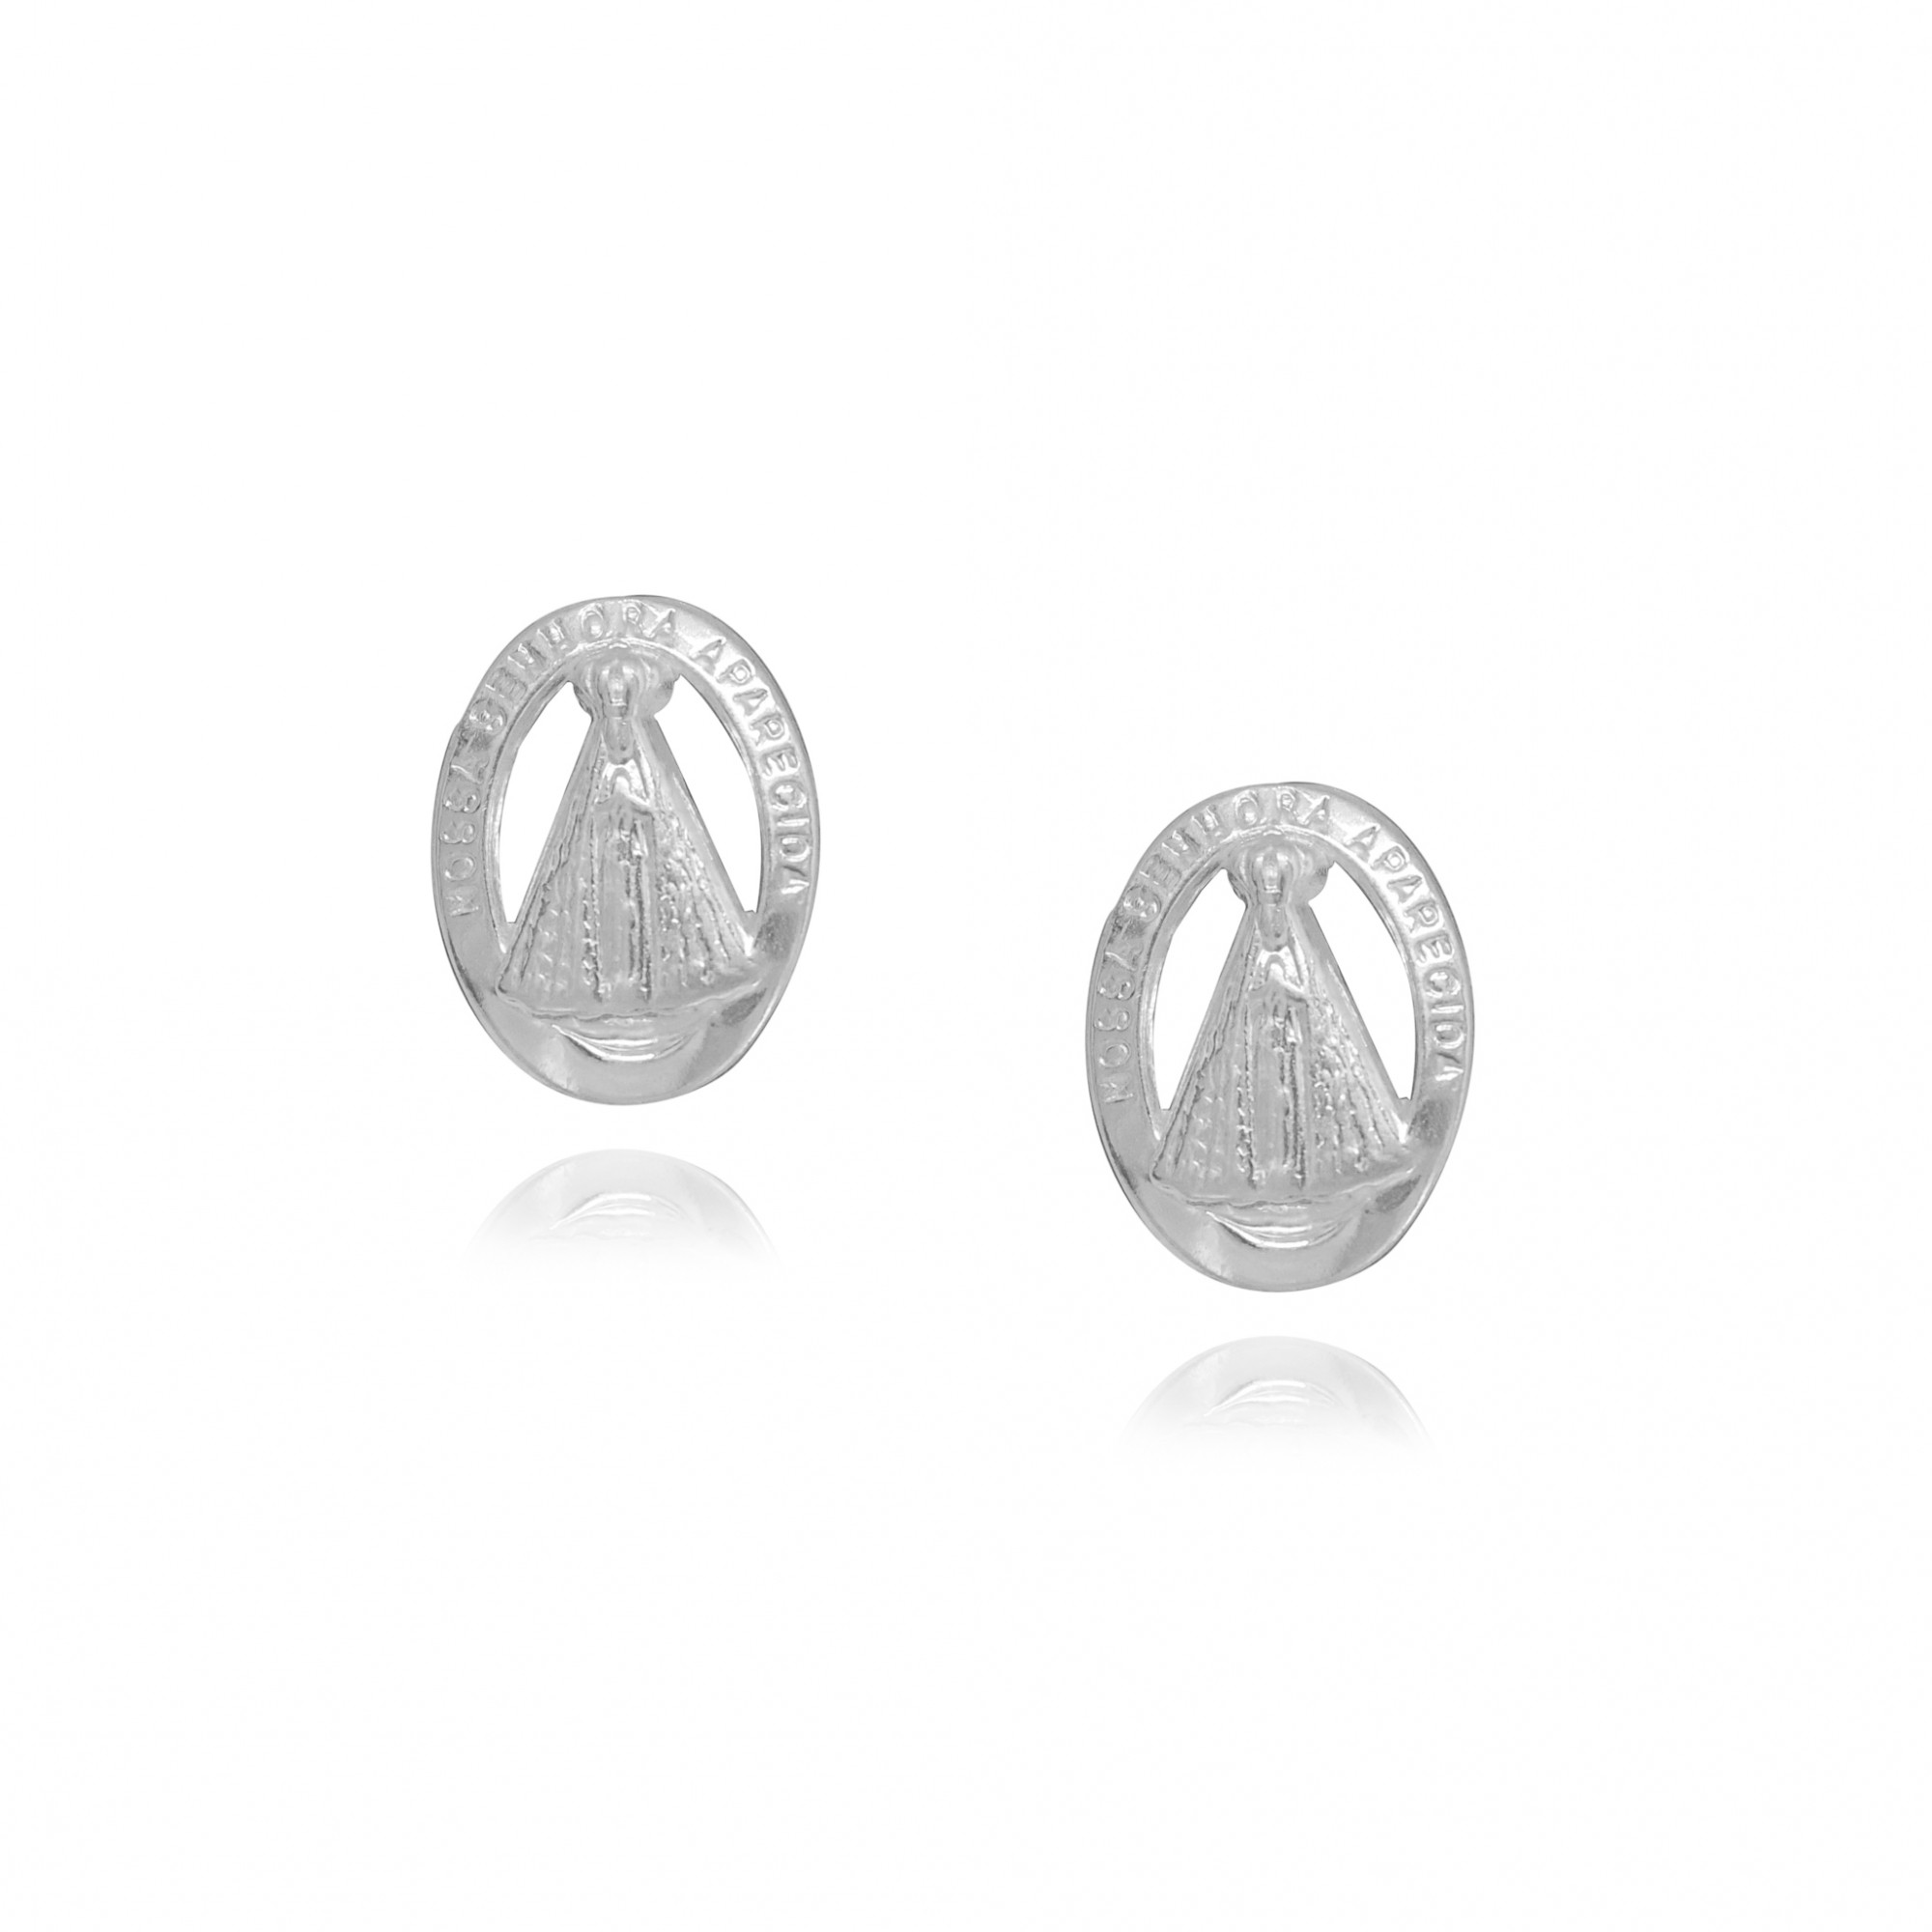 Brinco joia em prata 925 Nossa Senhora Aparecida oval